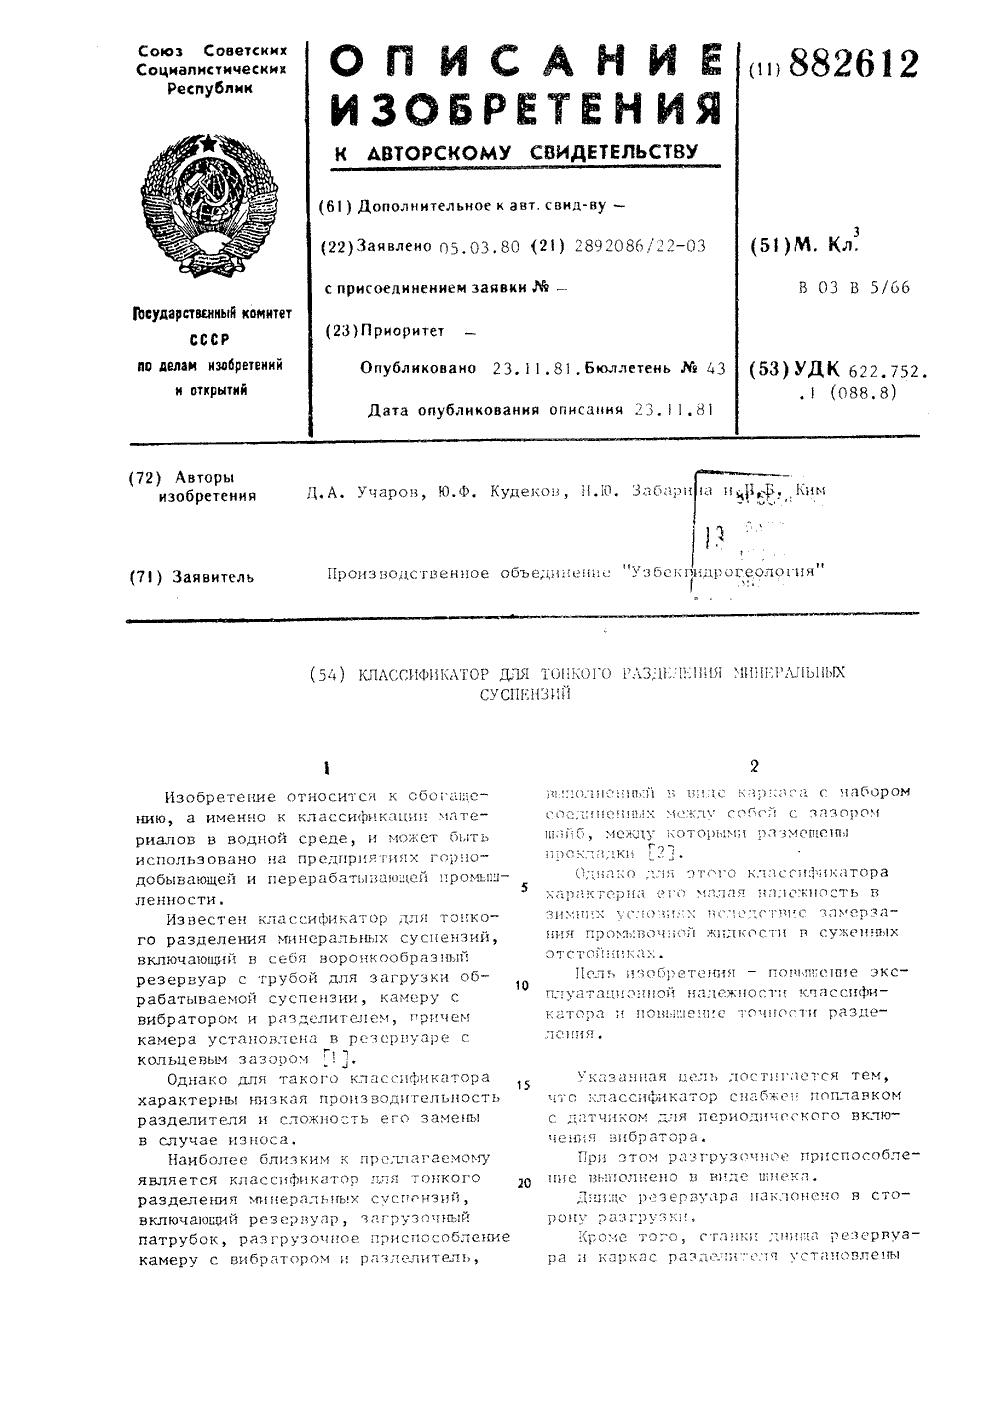 схема луцька 1939 - 1941